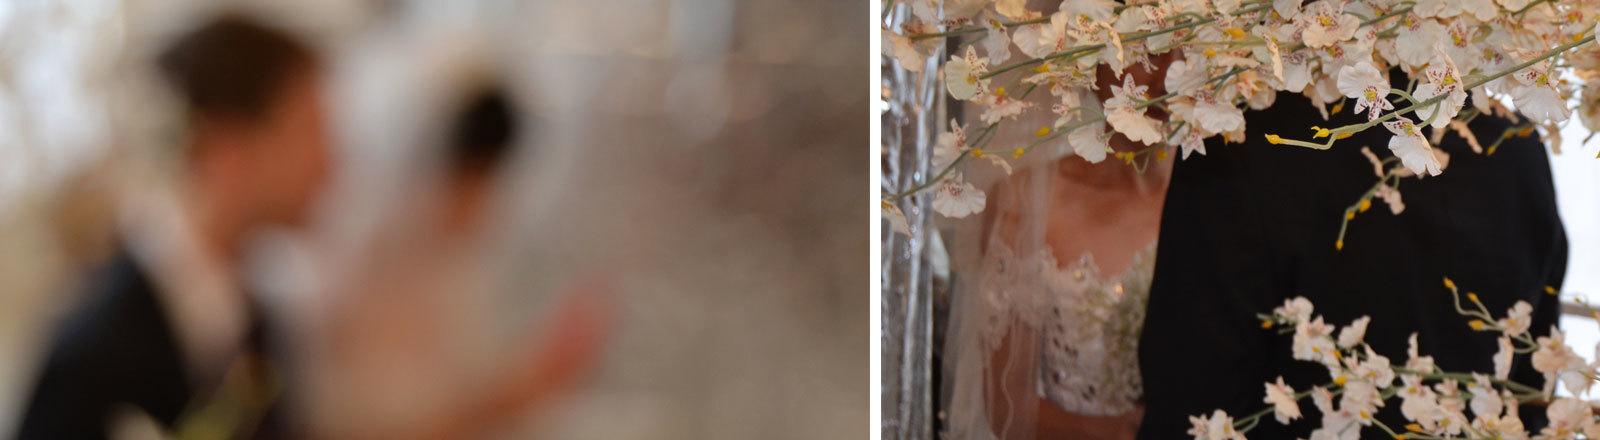 Ein Hochzeitspaar verschwommen im Hintergrund. Sie trägt ein Brautkleid, er einen Anzug.